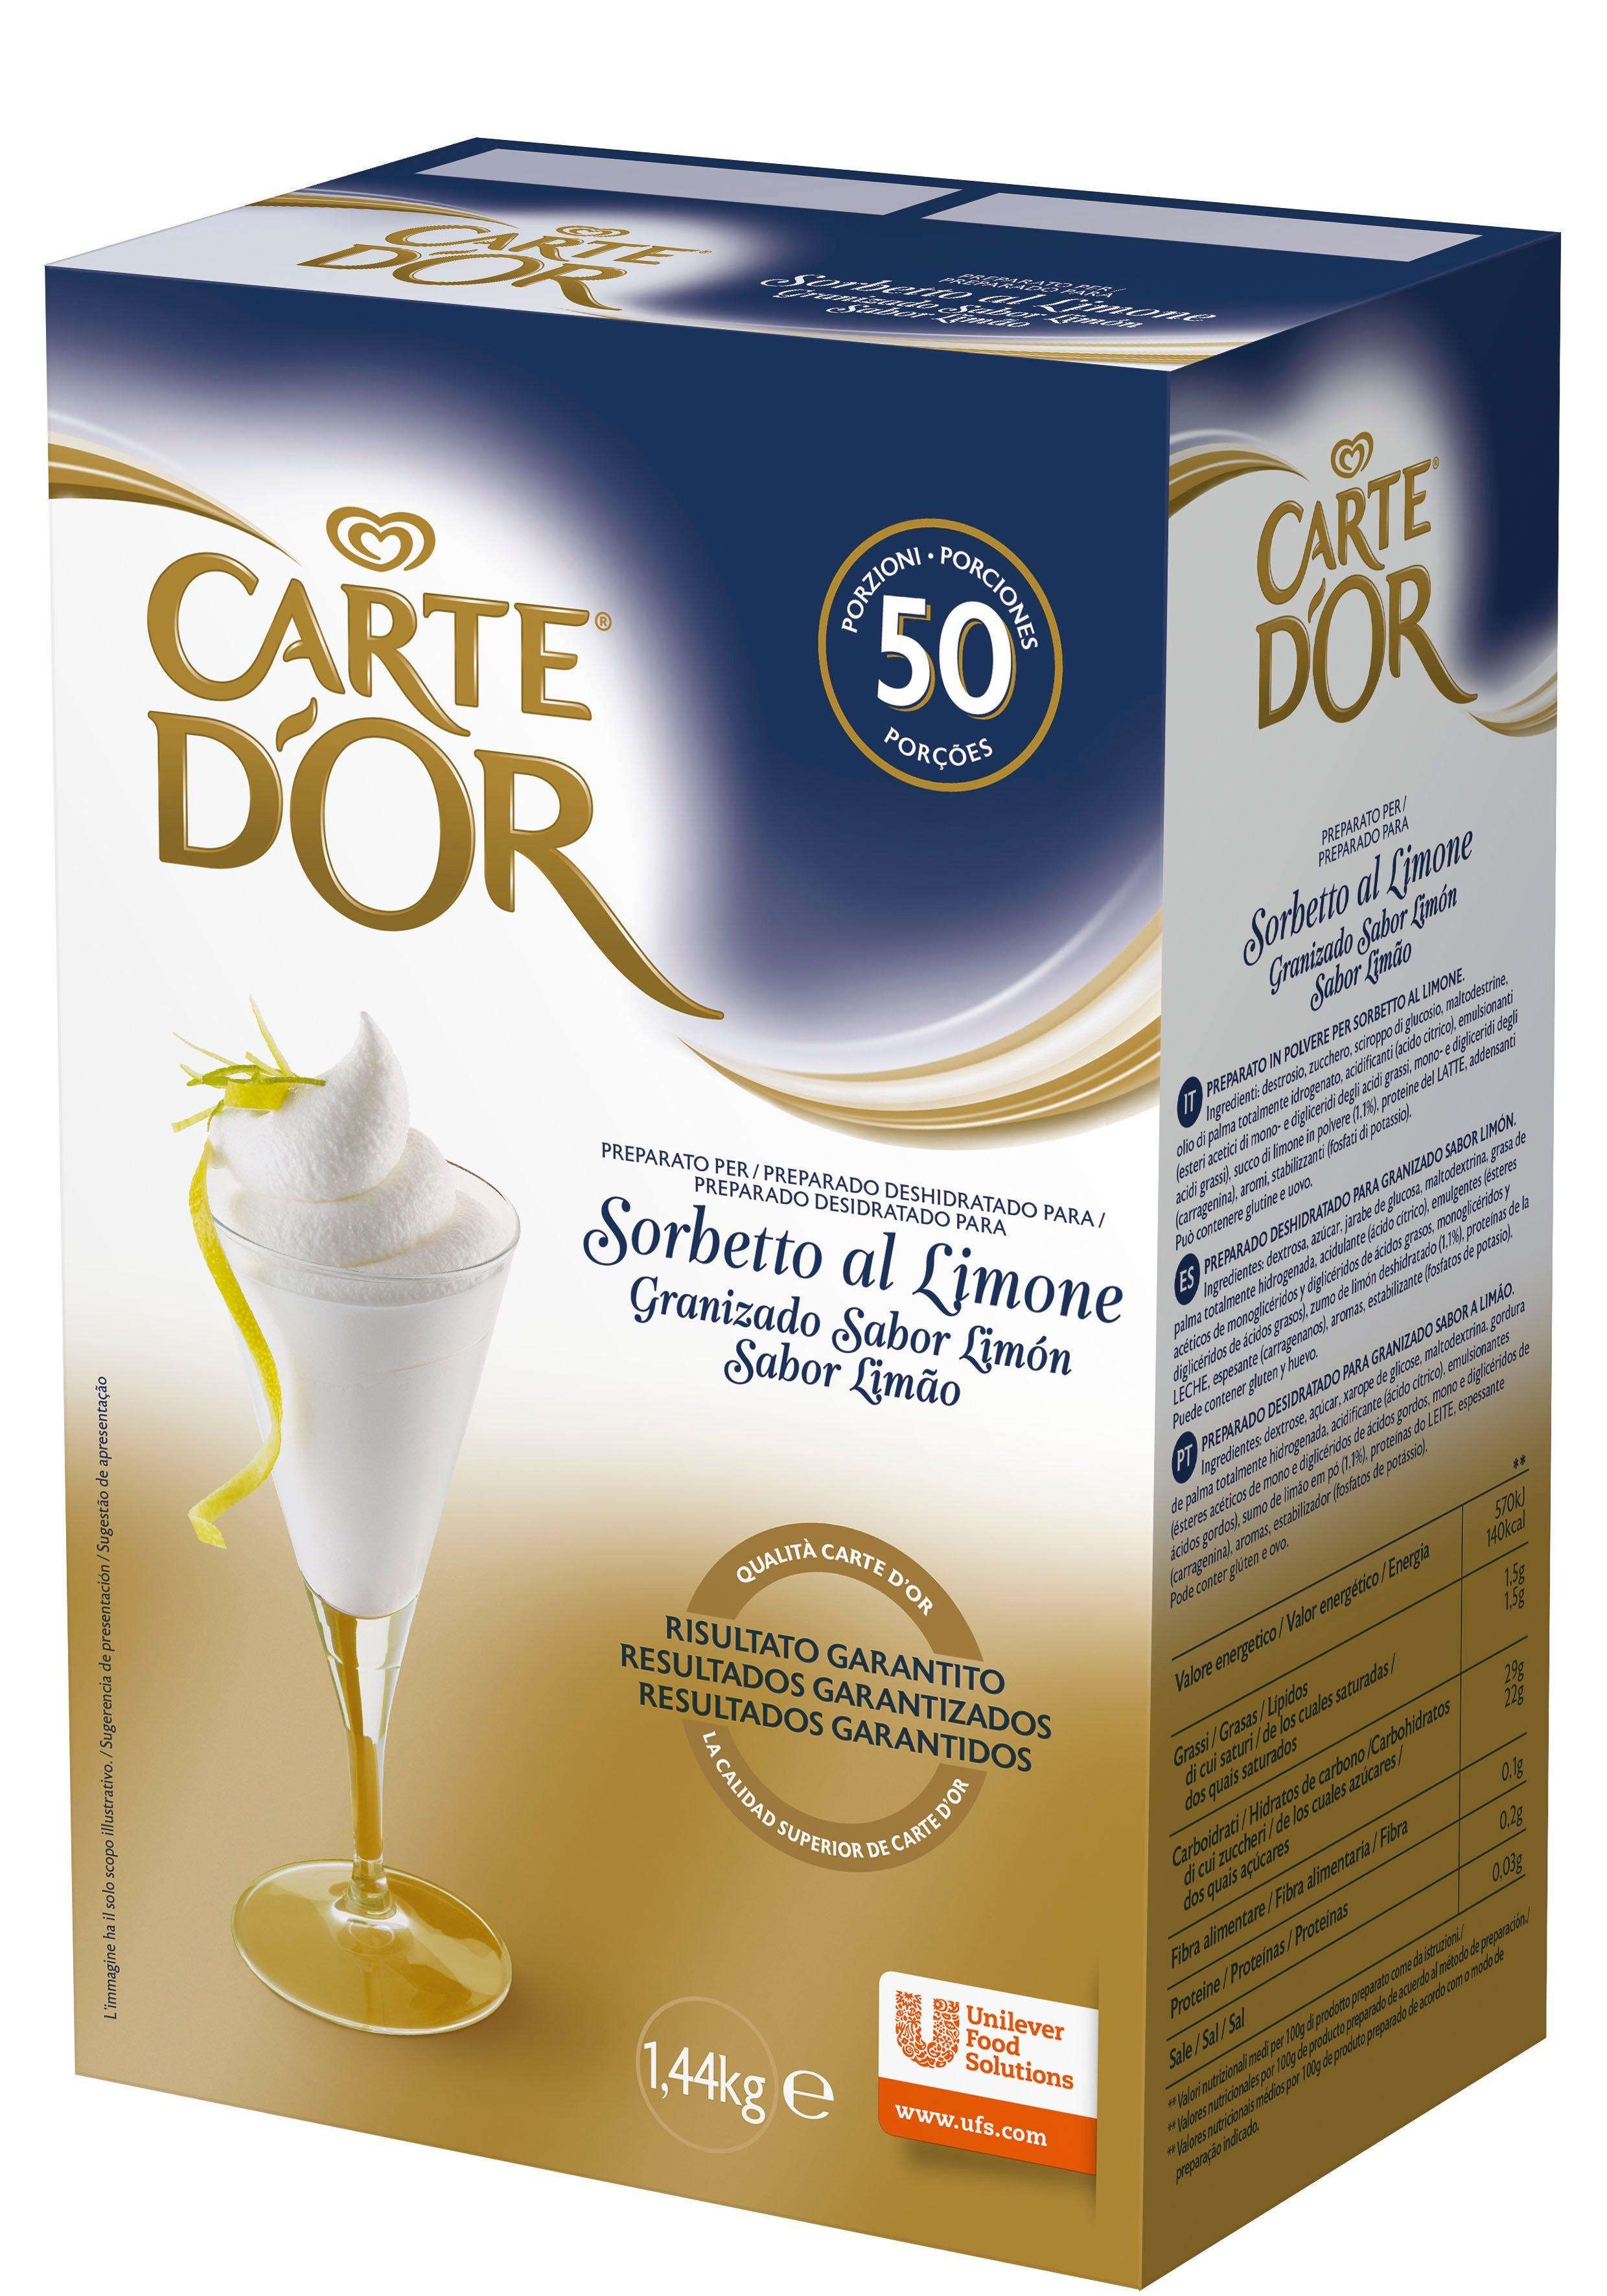 Carte d'Or preparato per Sorbetto al Limone 1,44 Kg